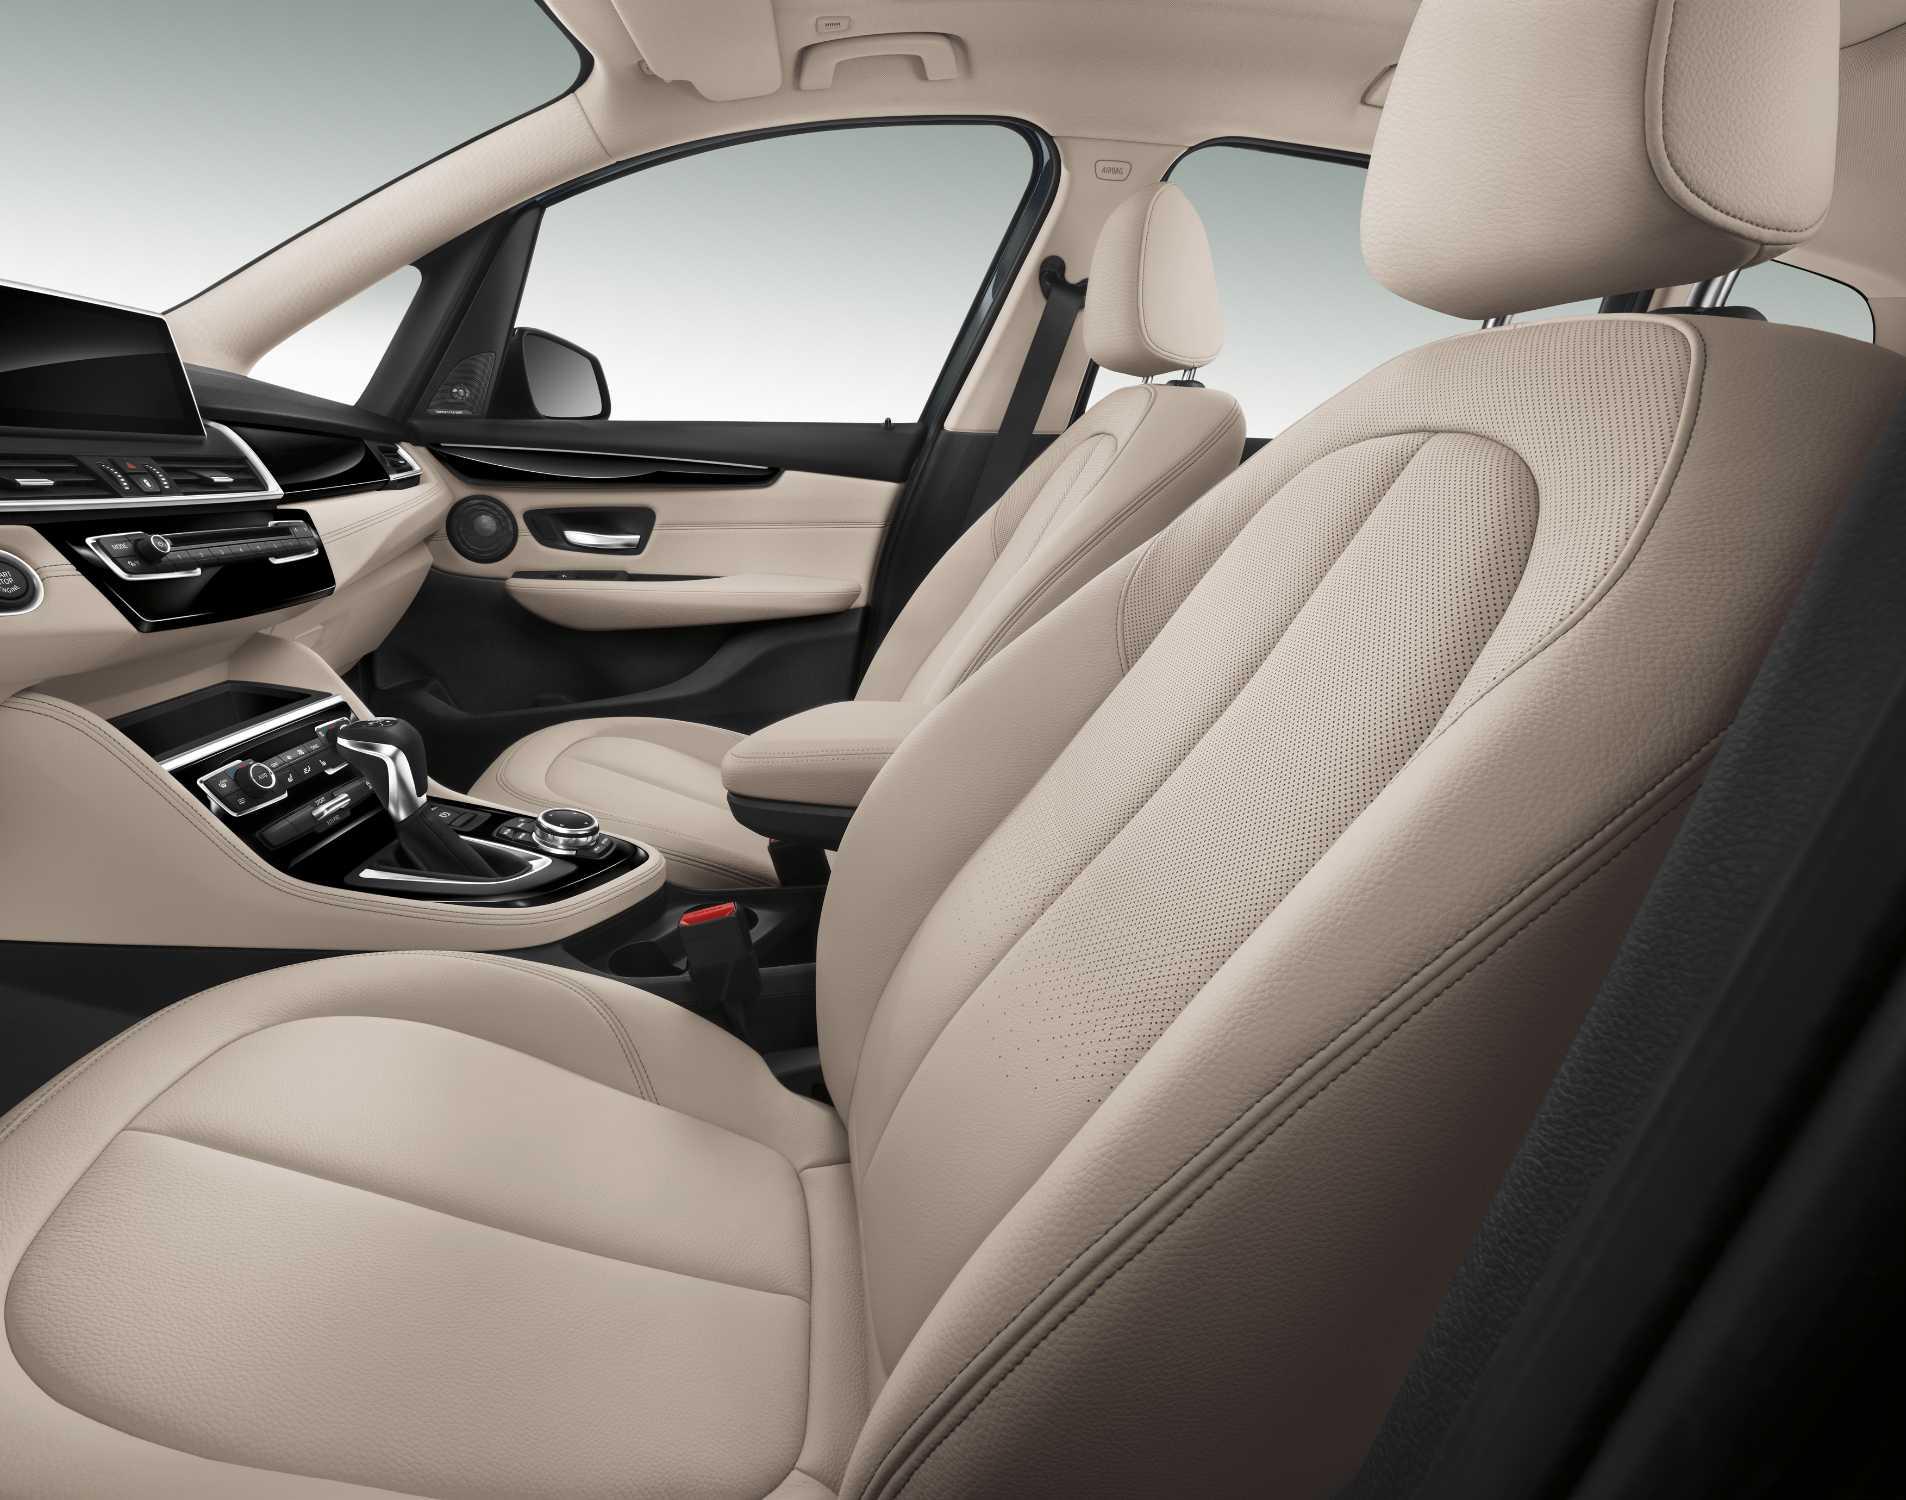 the new bmw 2 series gran tourer interior leather dakota oyster